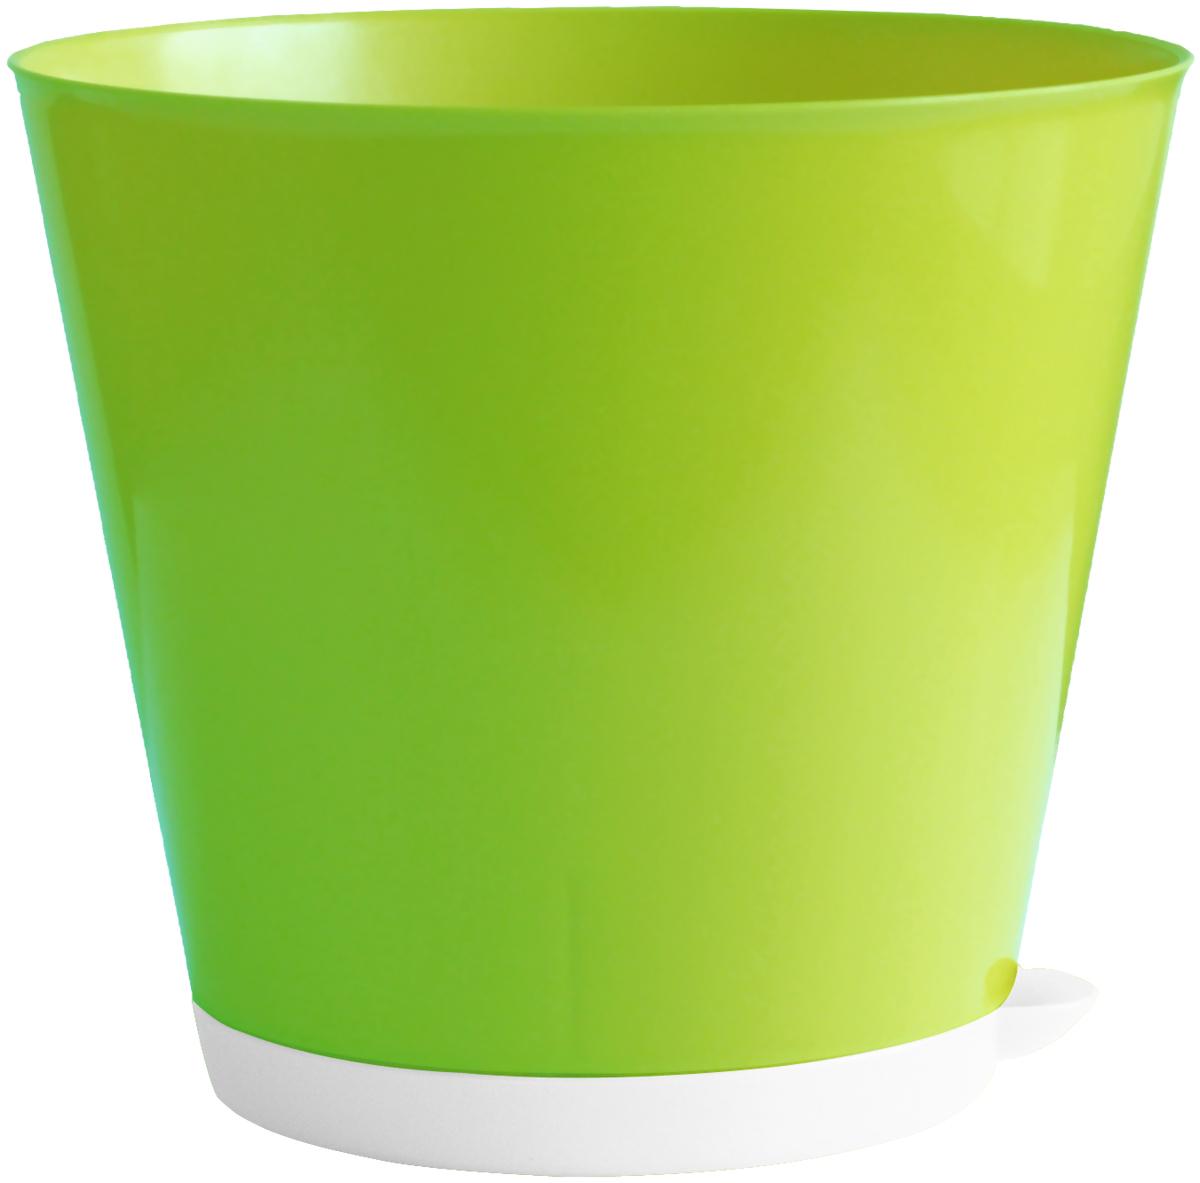 Горшок для цветов InGreen Крит, с системой прикорневого полива, цвет: салатовый, белый, диаметр 22,6 смZ-0307Горшок InGreen Крит, выполненный из высококачественного пластика, предназначен для выращивания комнатных цветов, растений и трав. Специальная конструкция обеспечивает вентиляцию в корневой системе растения, а дренажные отверстия позволяют выходить лишней влаге из почвы. Крепежные отверстия и штыри прочно крепят подставку к горшку. Прикорневой полив растения осуществляется через удобный носик. Система прикорневого полива позволяет оставлять комнатное растение без внимания тем, кто часто находится в командировках или собирается в отпуск и не имеет возможности вовремя поливать цветы.Такой горшок порадует вас современным дизайном и функциональностью, а также оригинально украсит интерьер любого помещения. Объем: 5 л.